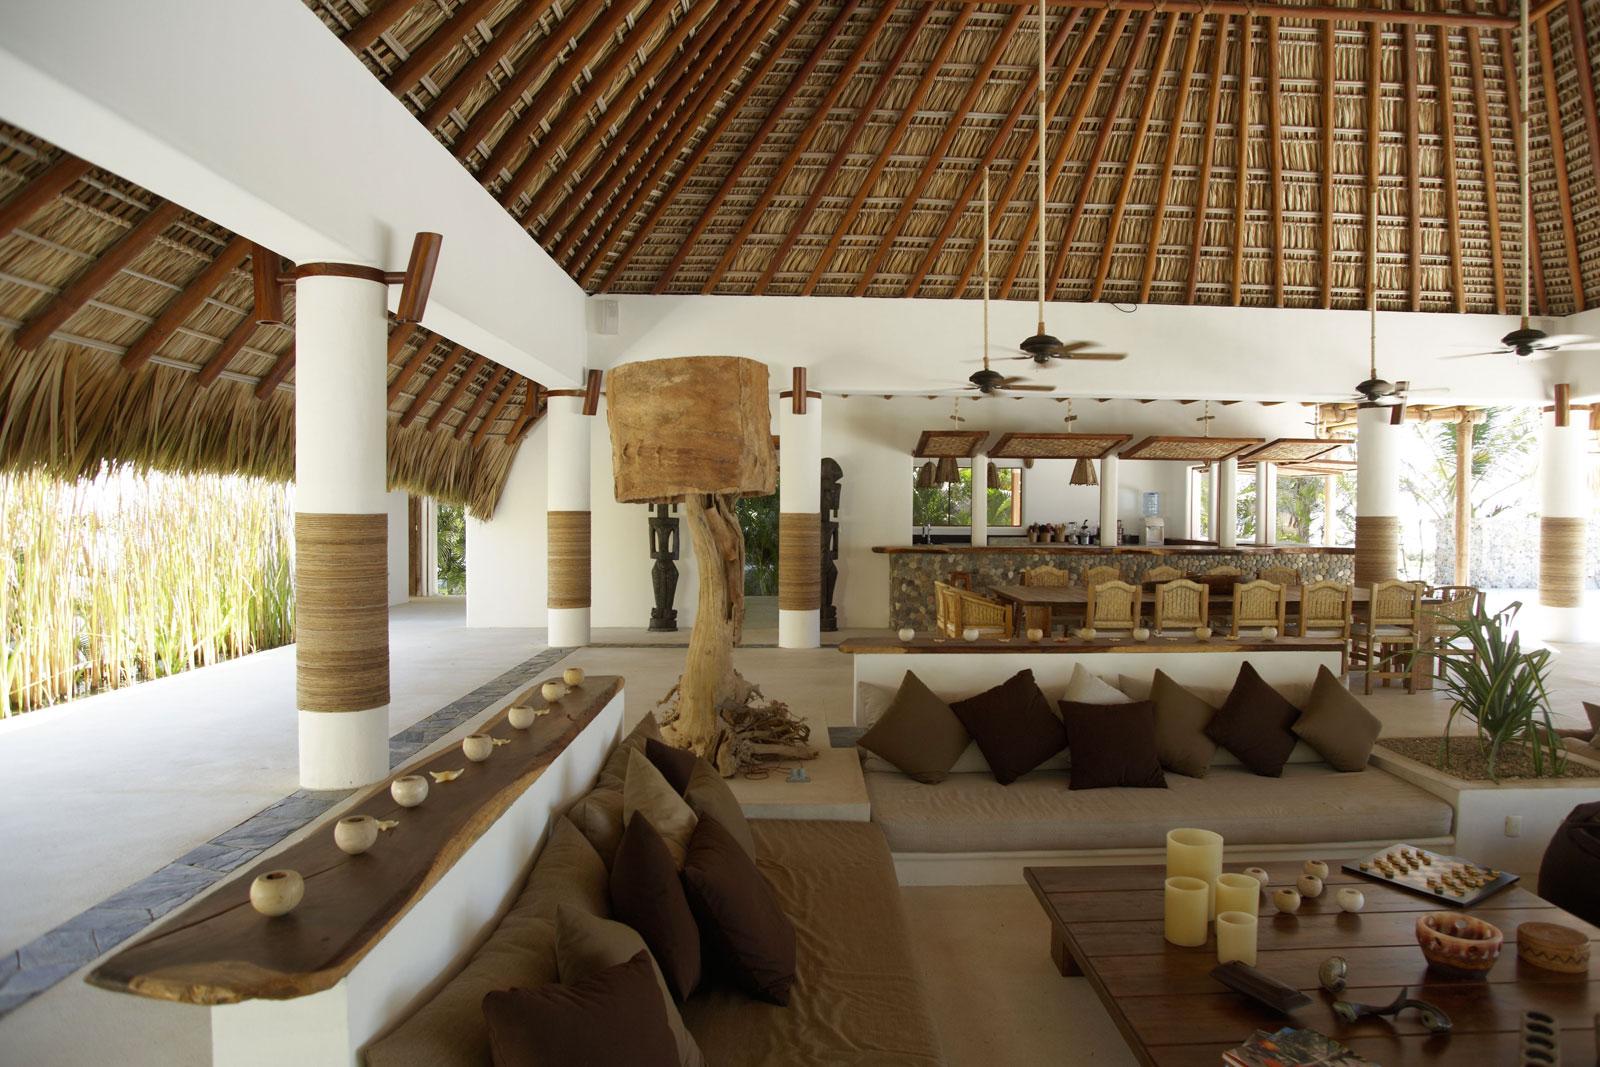 Palapa casa inspiracion - Casas de campo interiores ...